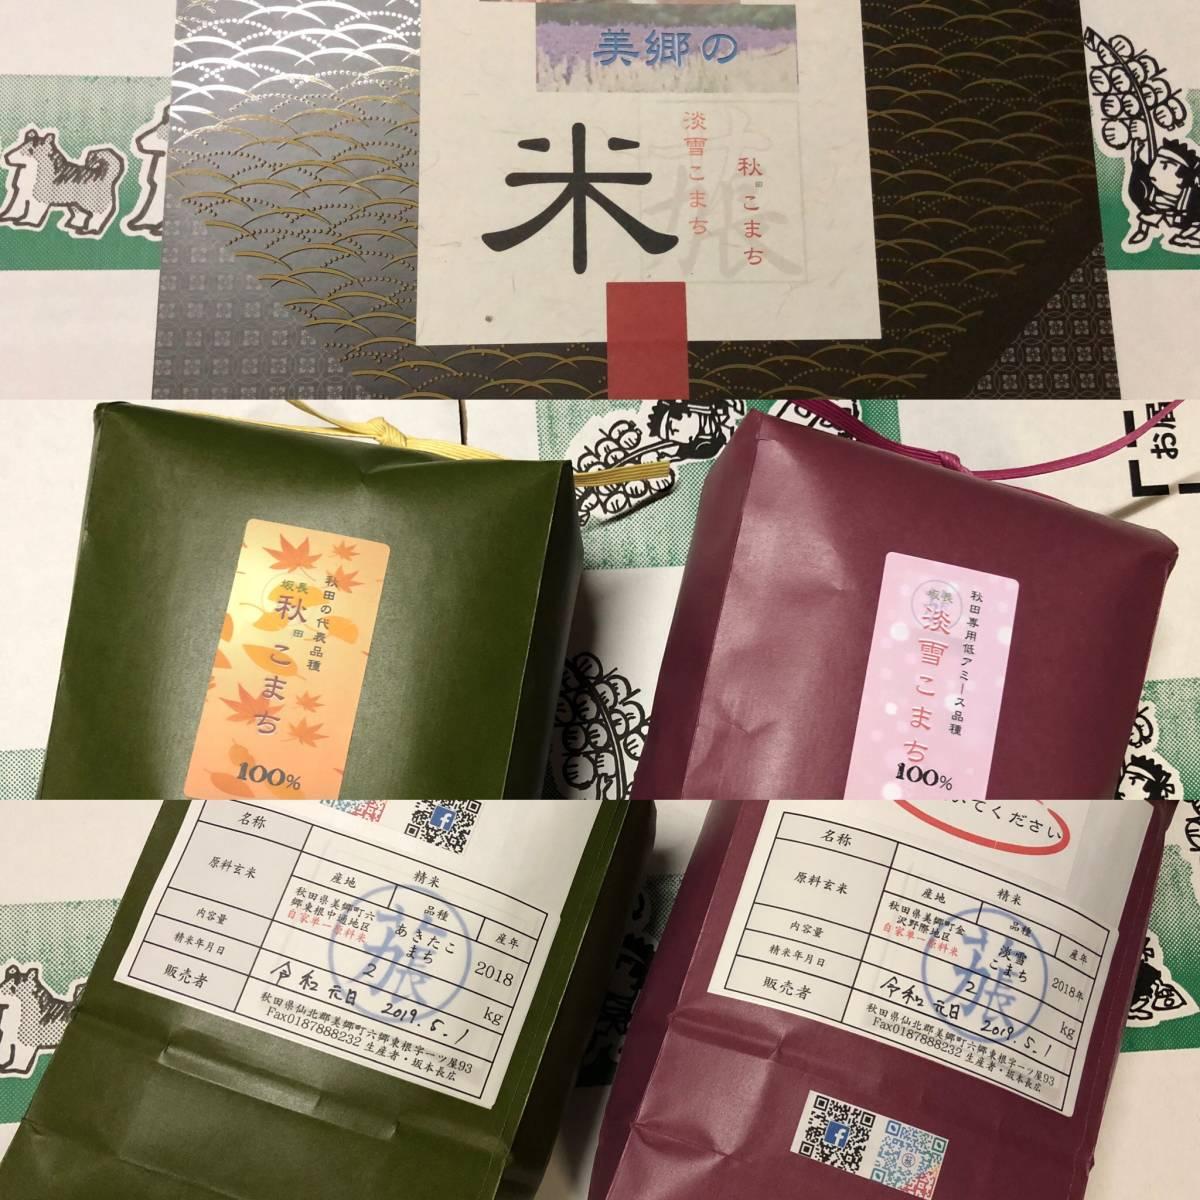 訳あり 2018秋田県産 栽培農家直販 坂長米 食べ比べ贈答仕様 精米2×2kg